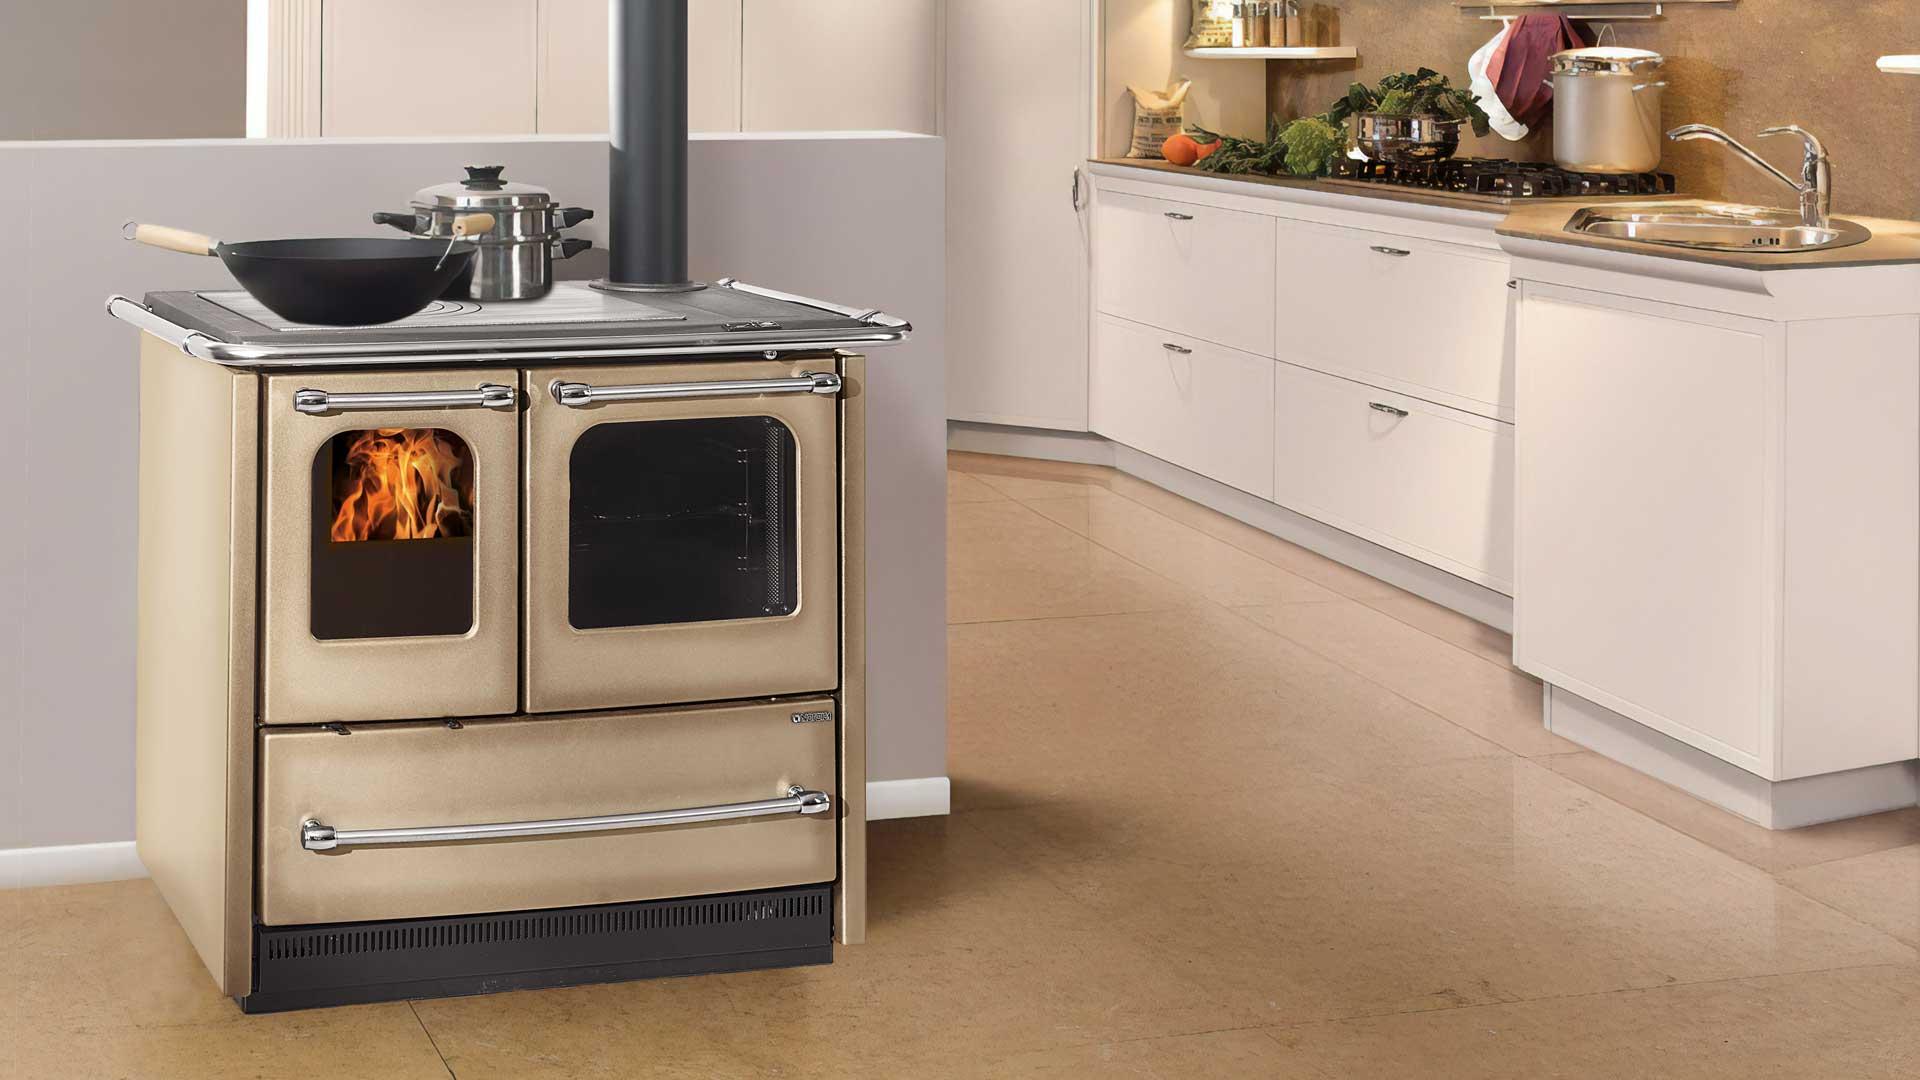 Cucinare Con La Cucina A Legna.Cucina A Legna Sovrana Easy Riscaldamento Brico Ok Corigliano